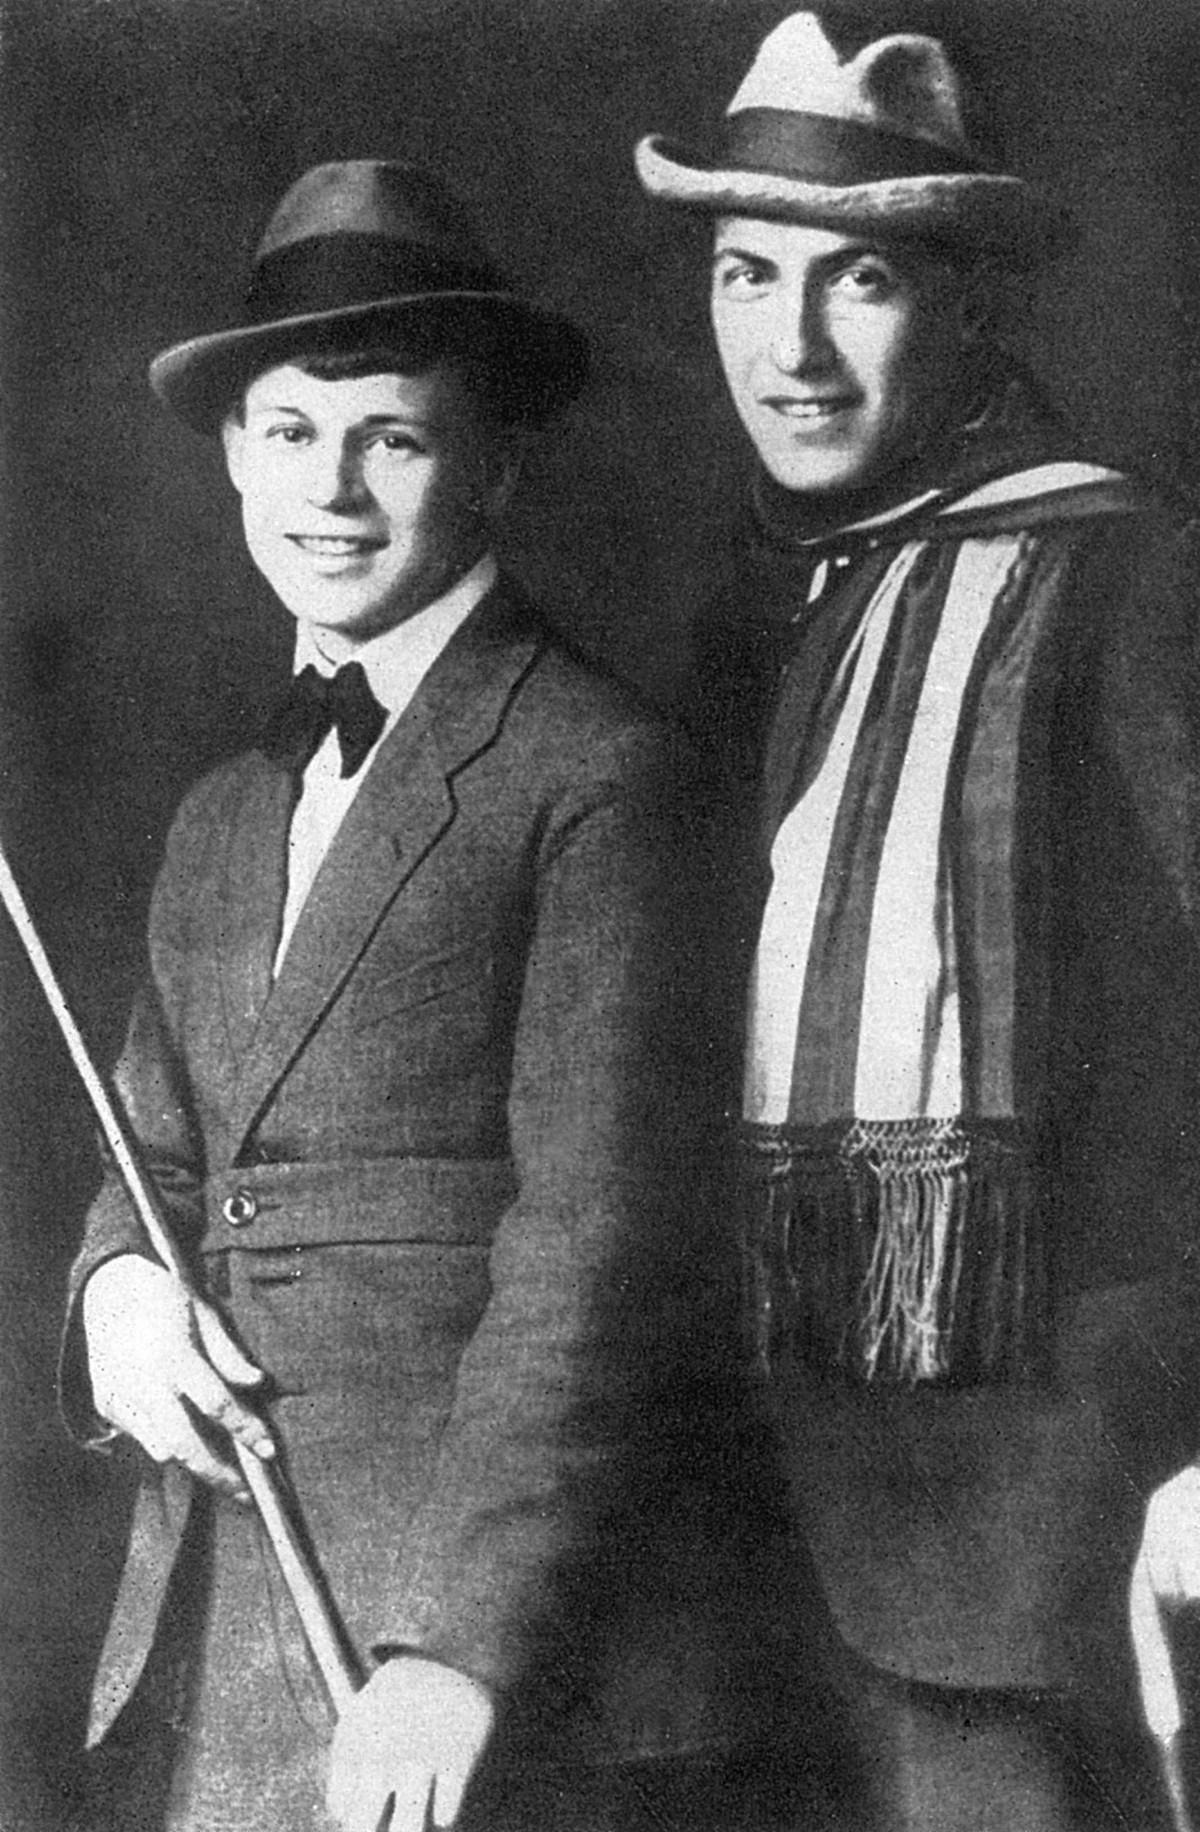 セルゲイ・エセーニン(左側)とアナトリー・マリエンホフ